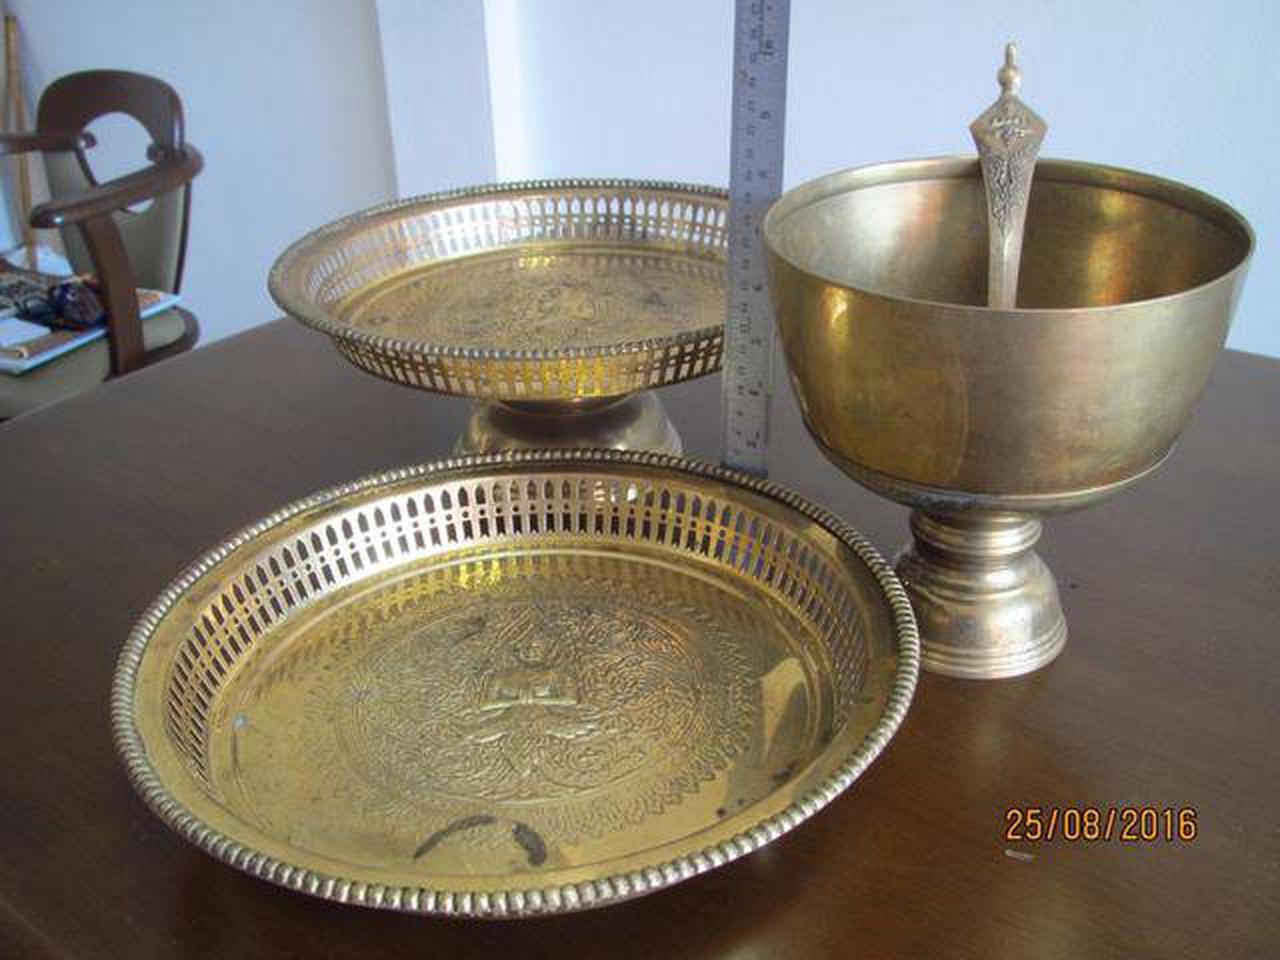 3787 เครื้องใช้ชุดทองเหลืองลาย เทพพนม มี ขัน พาน ทับพี ถาดสู รูปที่ 5